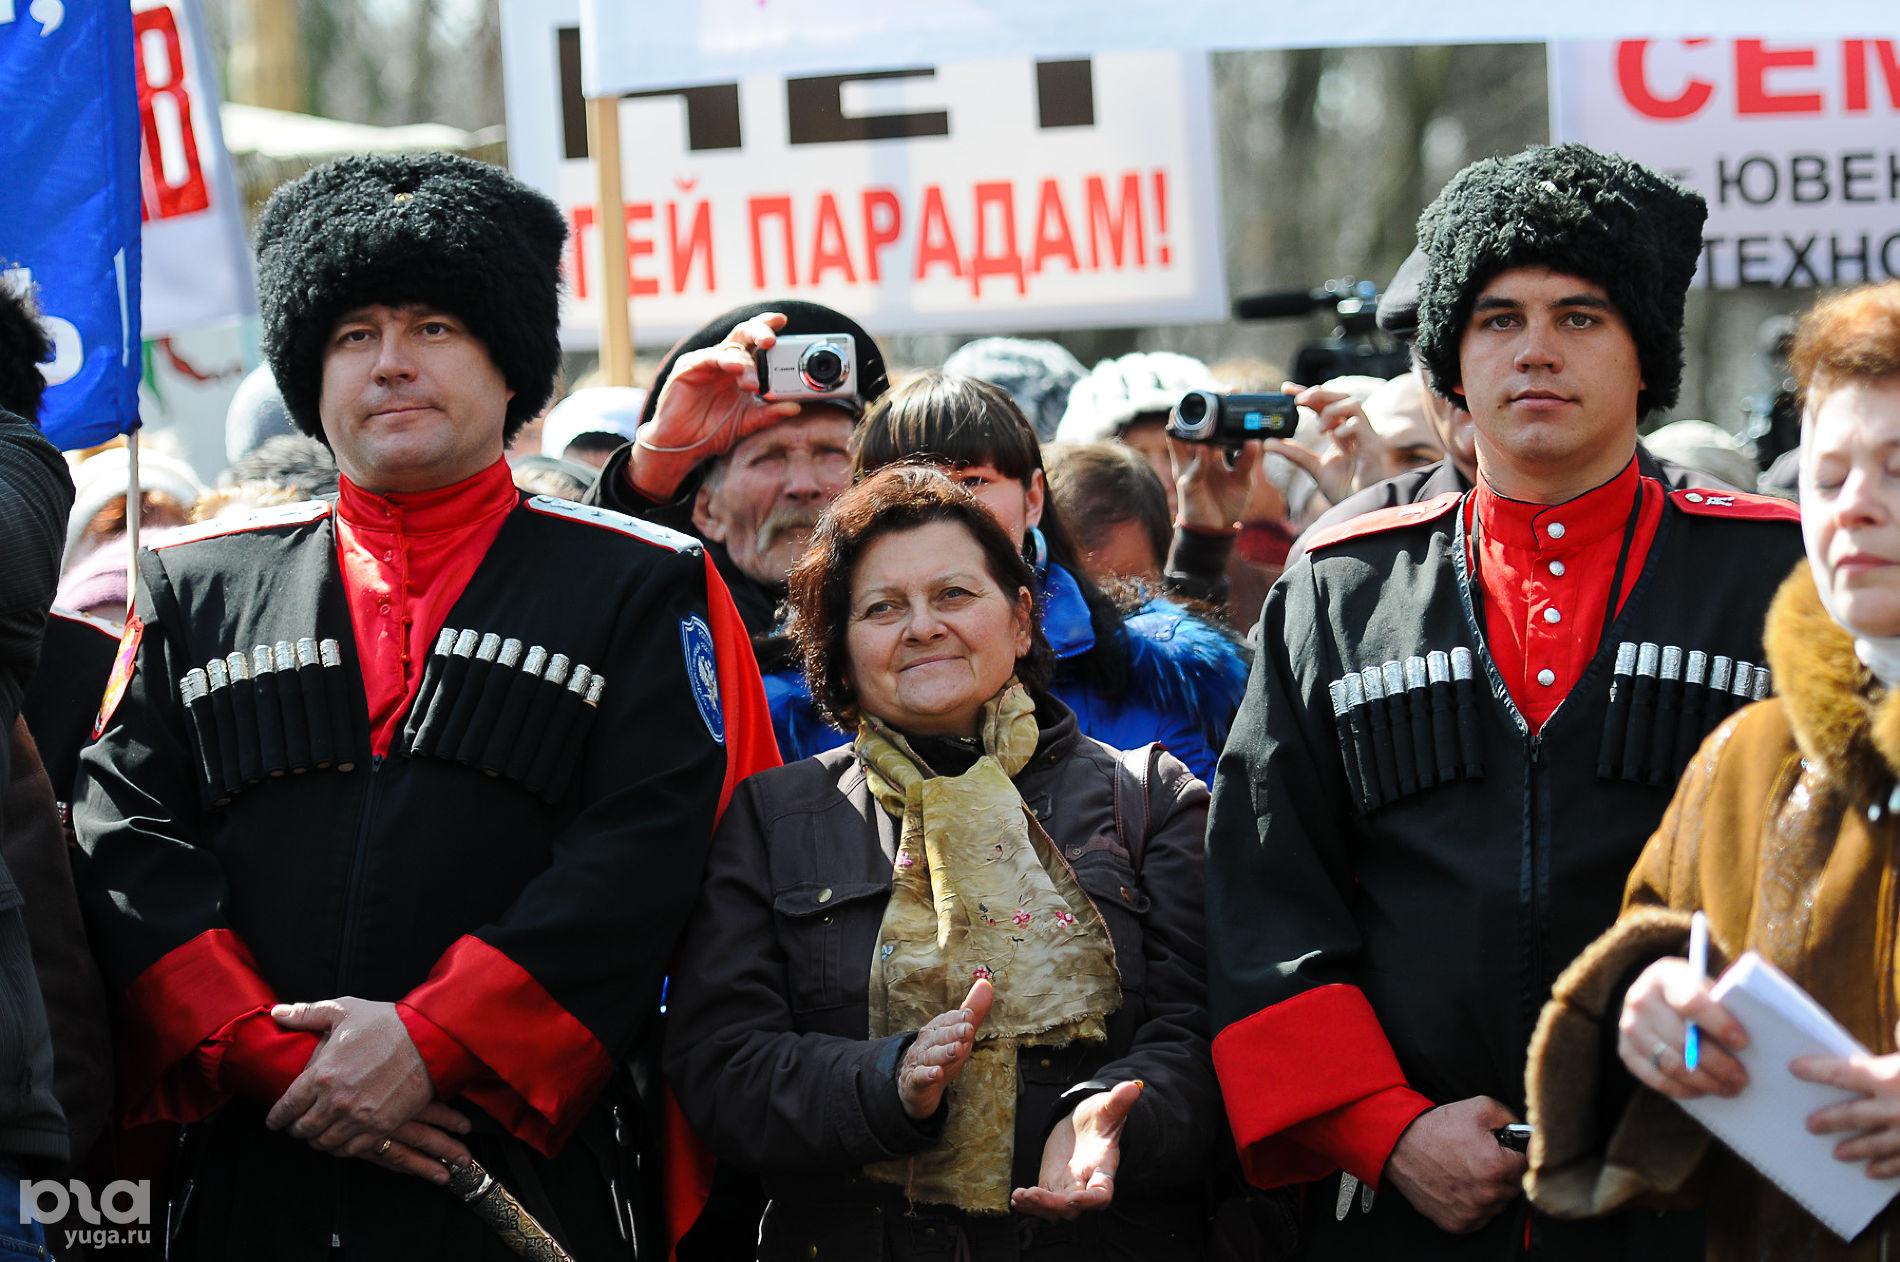 Митинг против действий группы Pussy Riot и в поддержку духовности. Краснодар, 31 марта 2012 года ©Фото Елены Синеок, Юга.ру